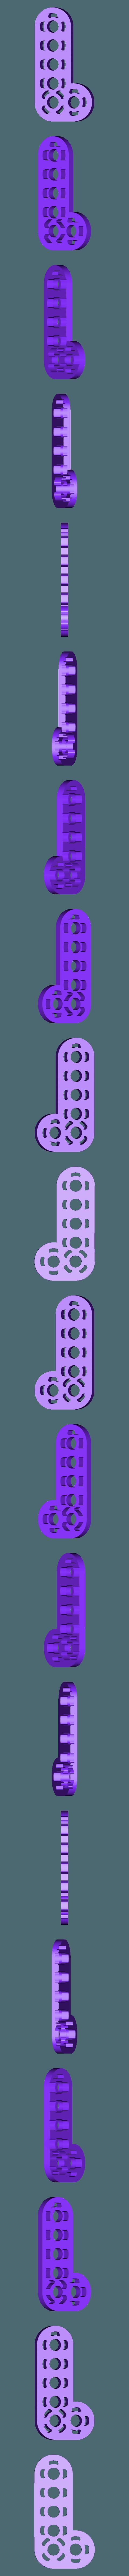 L_2_5.STL Télécharger fichier STL gratuit MEGA Expansion 200+ Pièces • Plan à imprimer en 3D, Pwentey